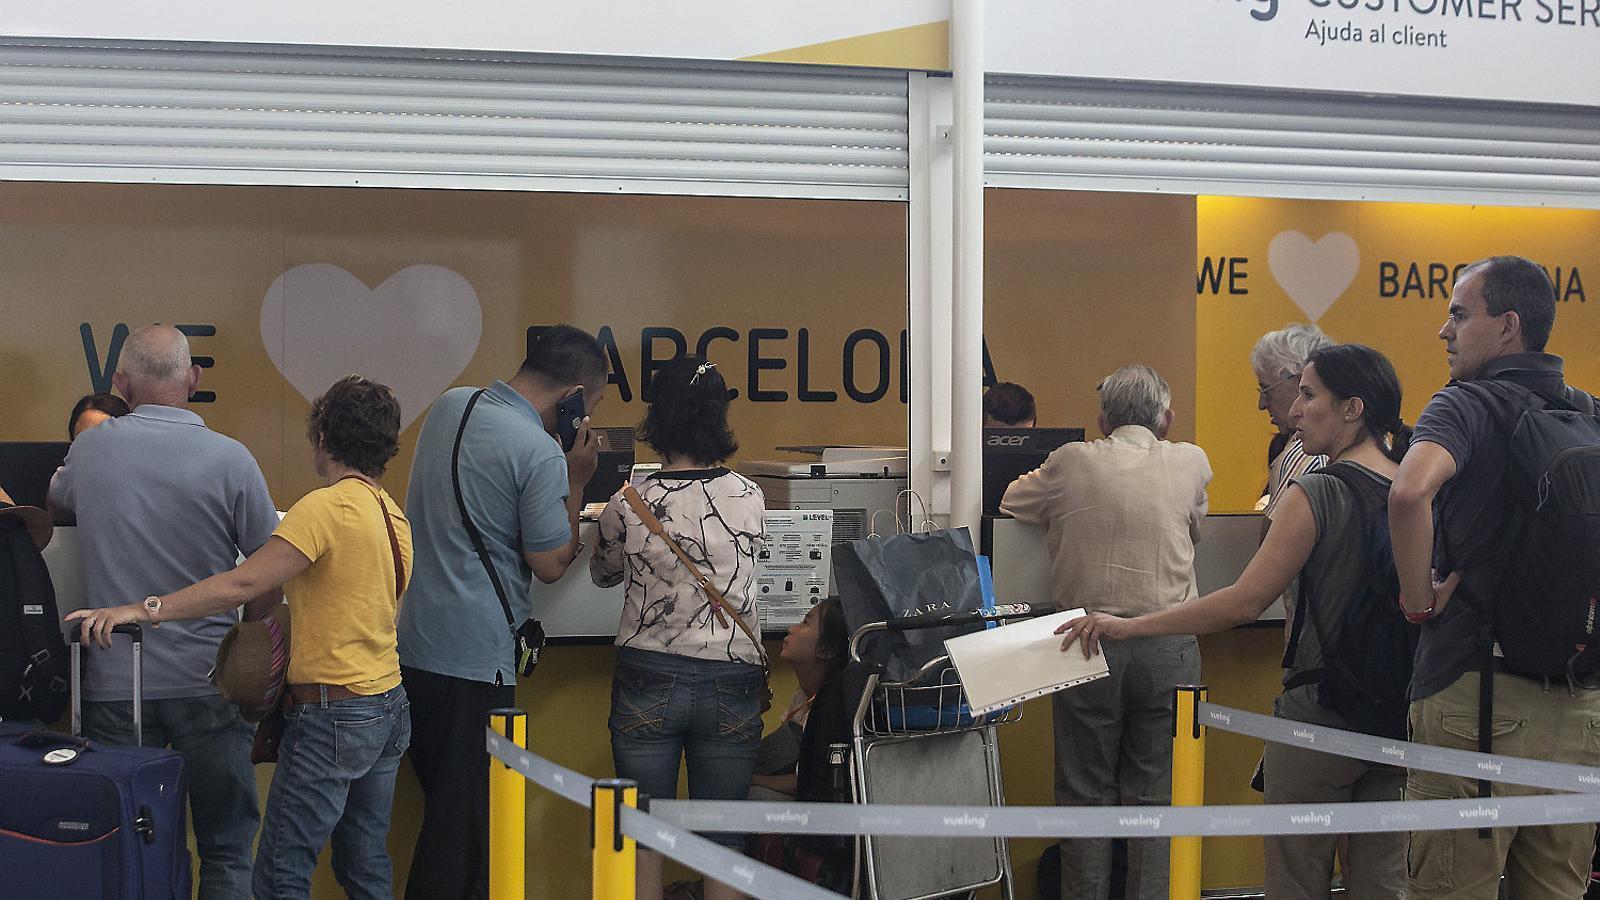 L'aerolínia catalana ha multiplicat per cinc el nombre de reclamacions registrades al portal Reclamador.es.